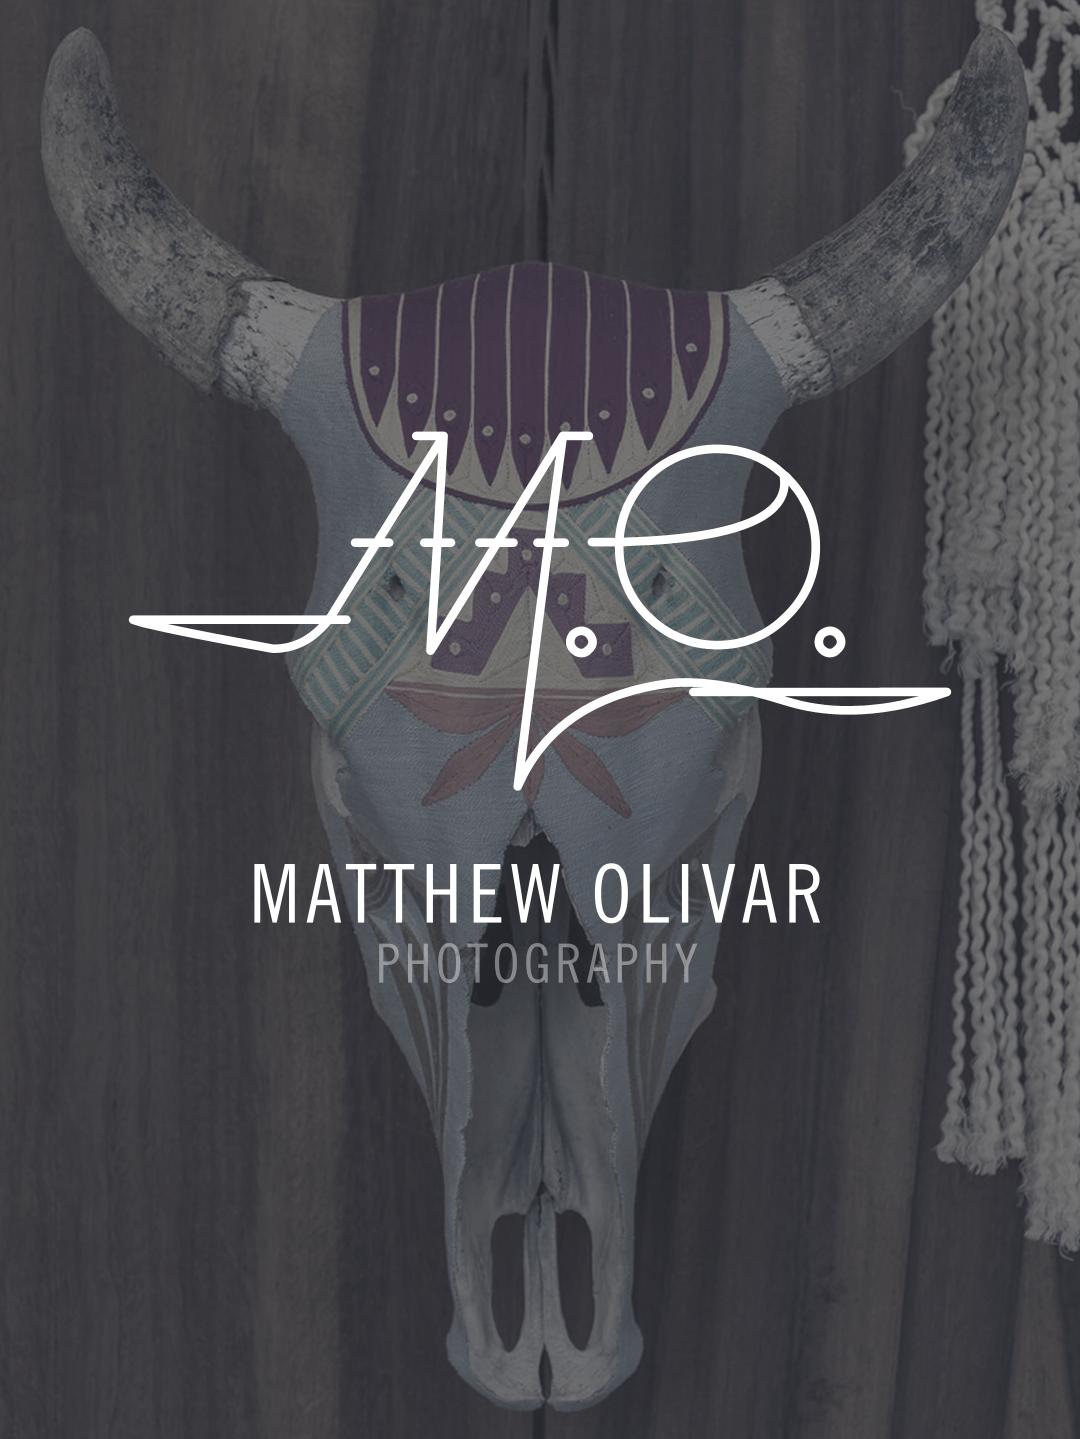 id_MatthewOlivarPhotography.png